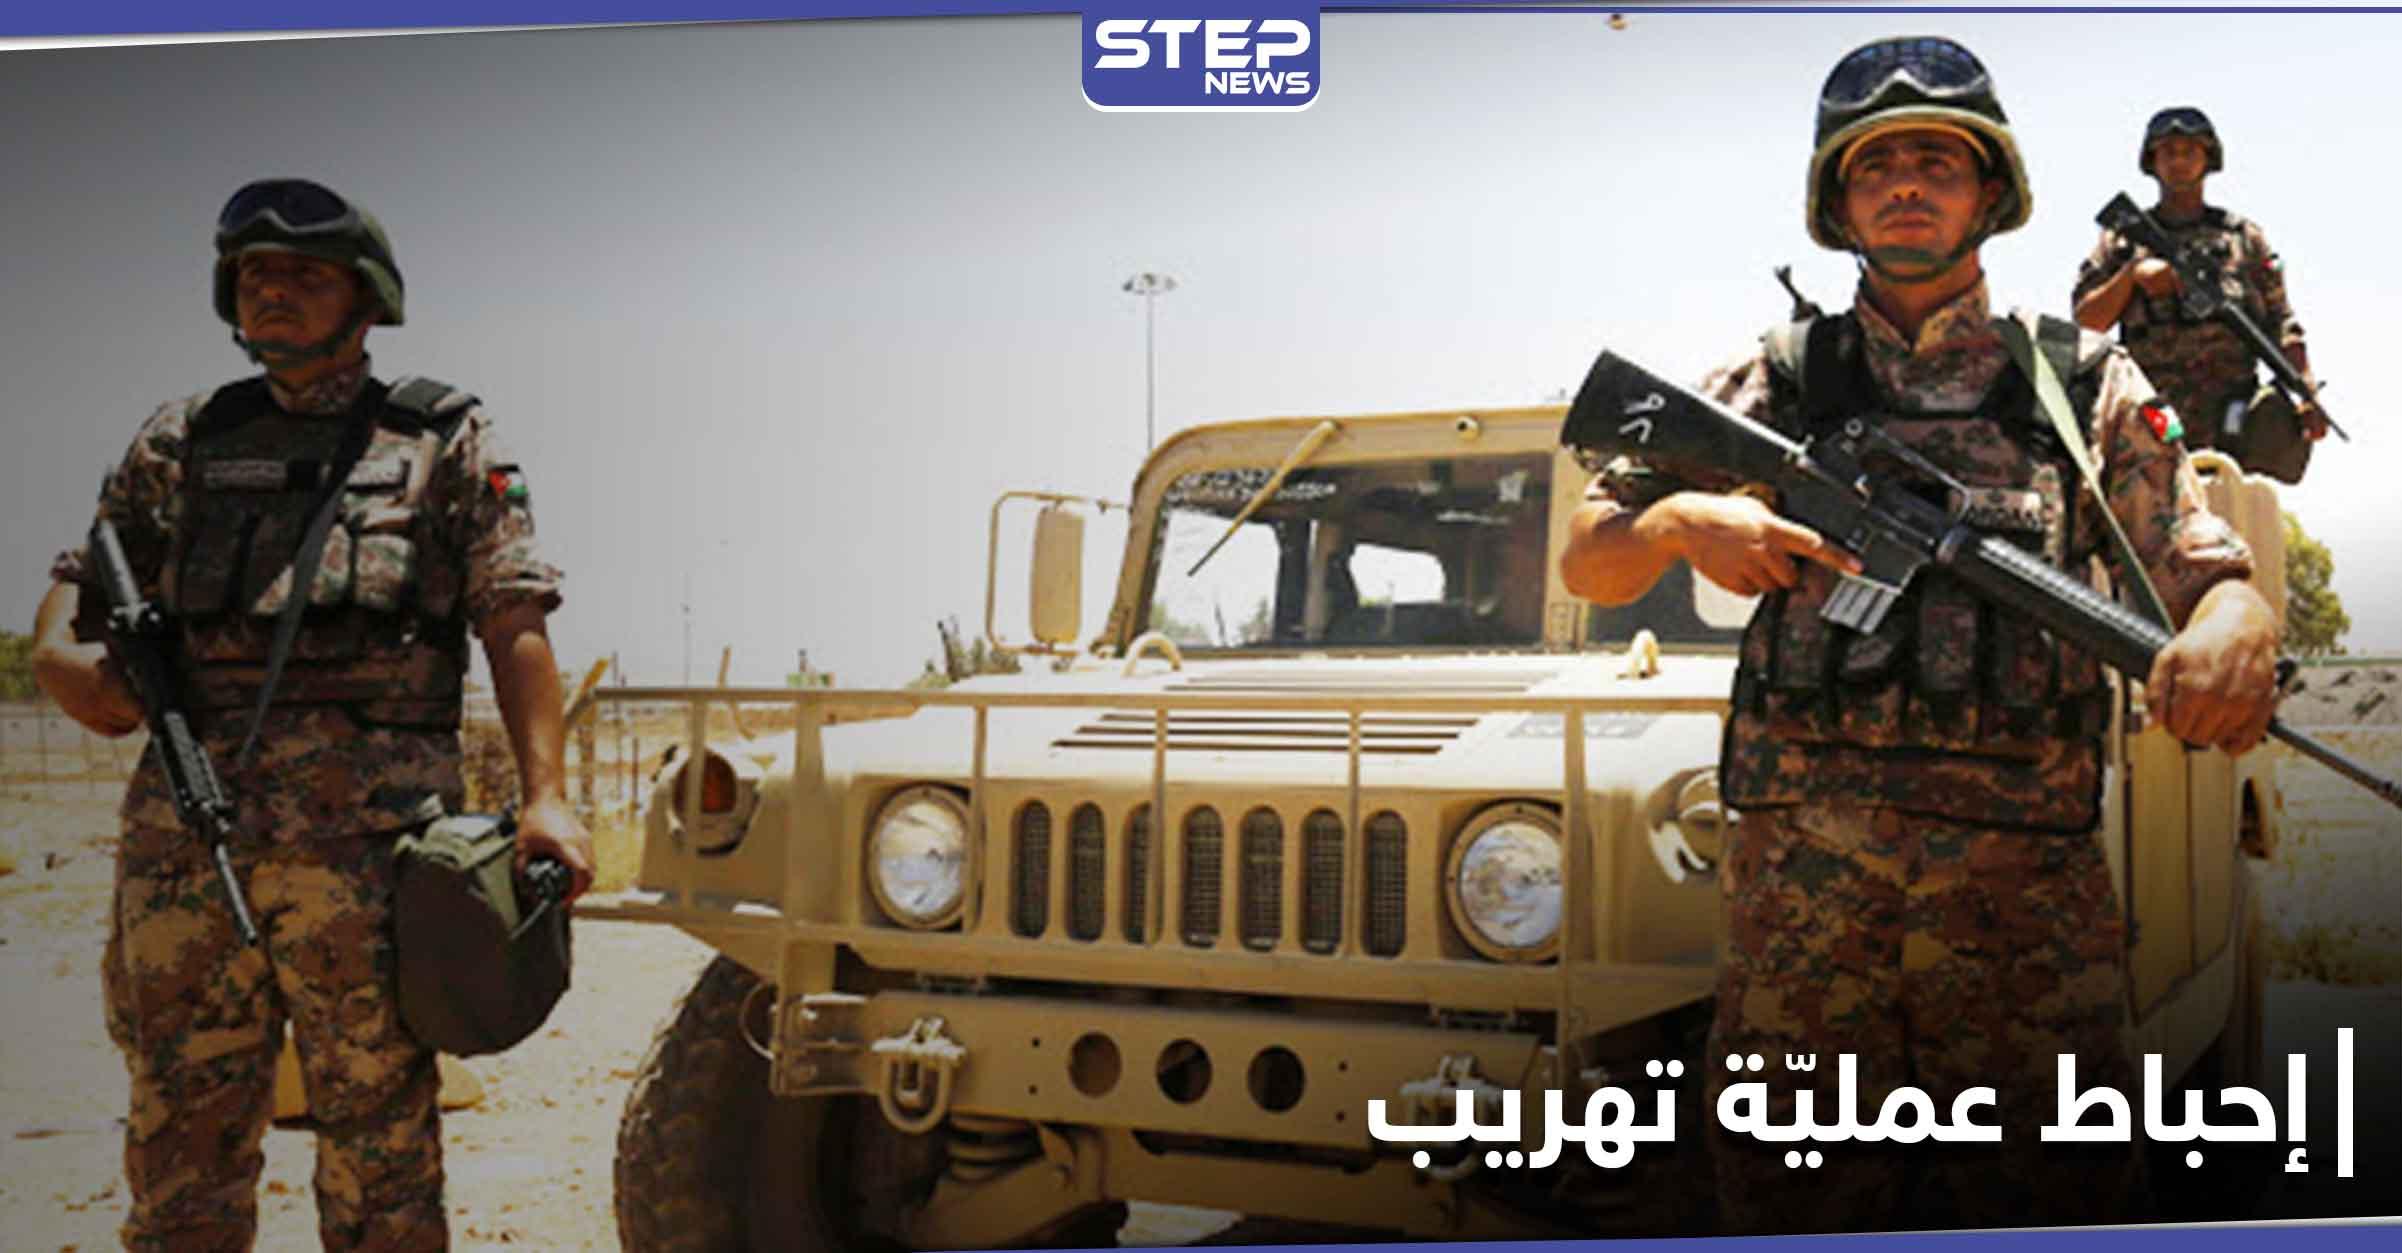 سقوط قتلى وجرحى أثناء إحباط الجيش الأردني عملية تهريب مخدرات من سوريا